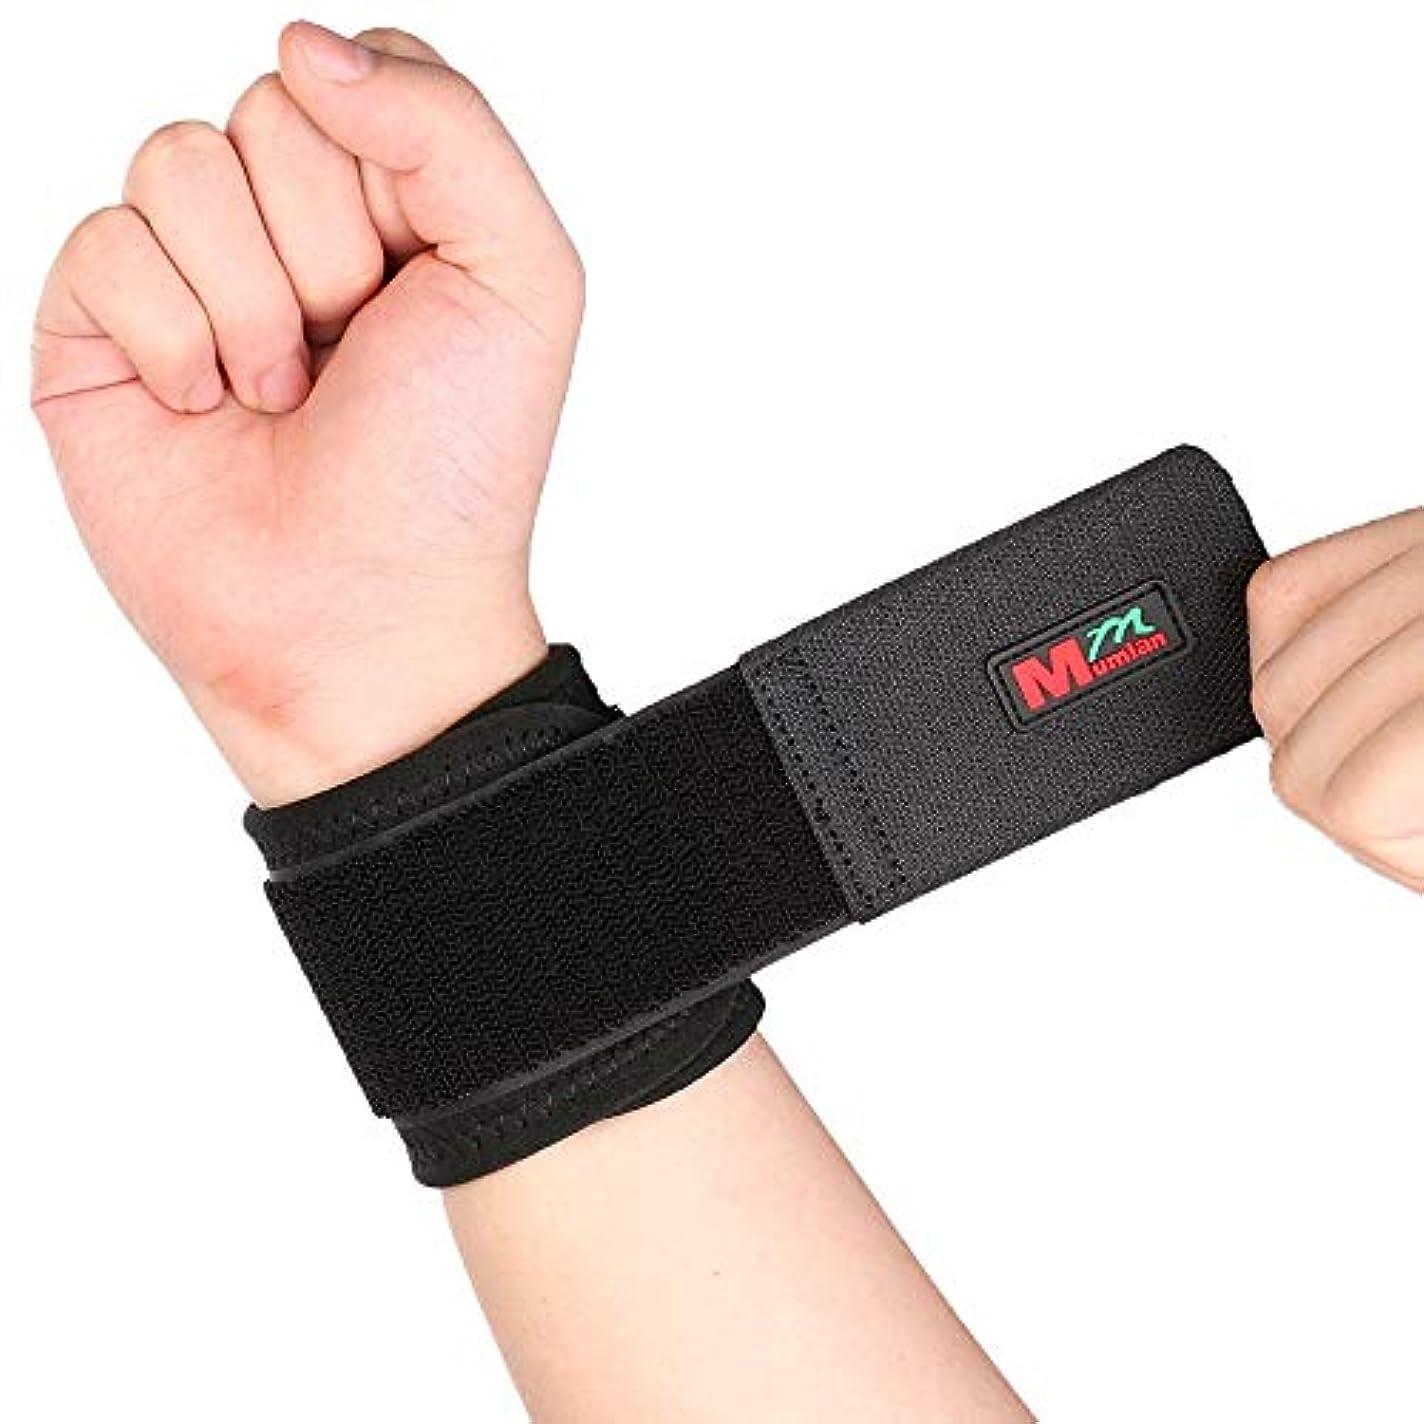 良心高さ寛解Mumian C01クラシックスポーツ弾性伸縮性手関節装具サポートラップバンド